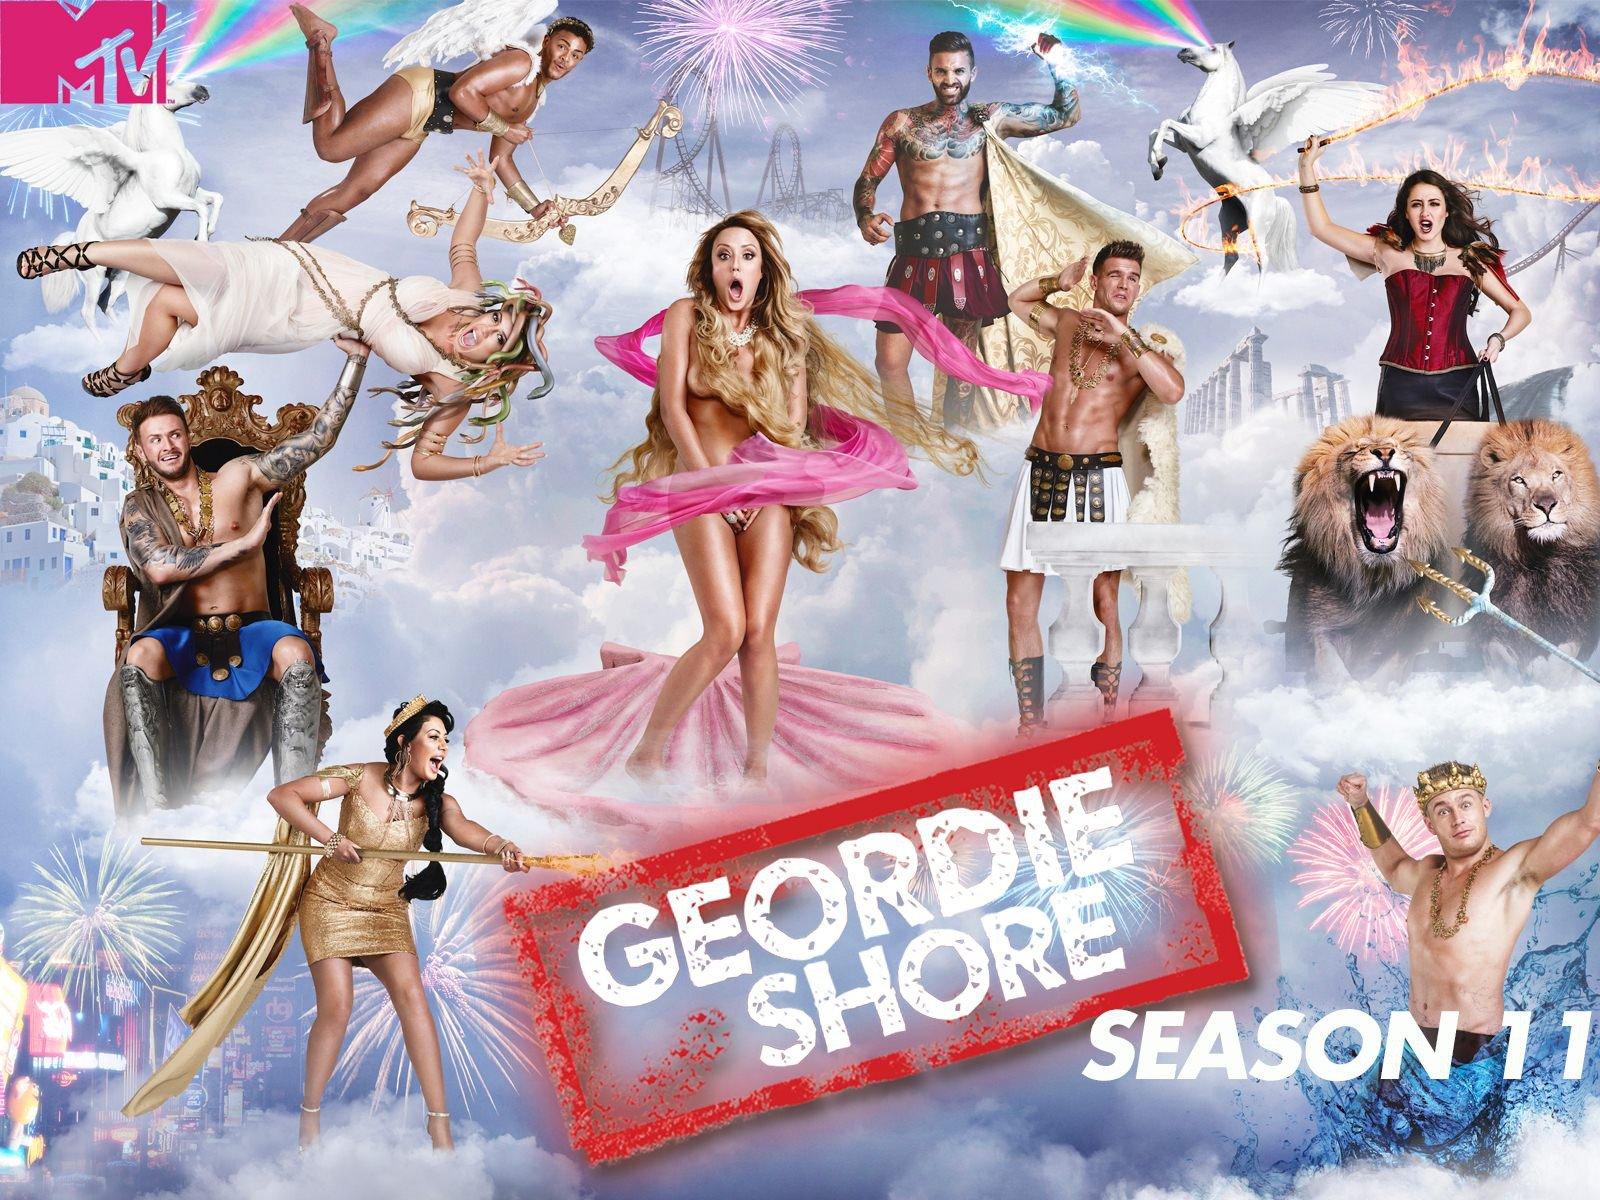 geordie shore season 11 ep 1